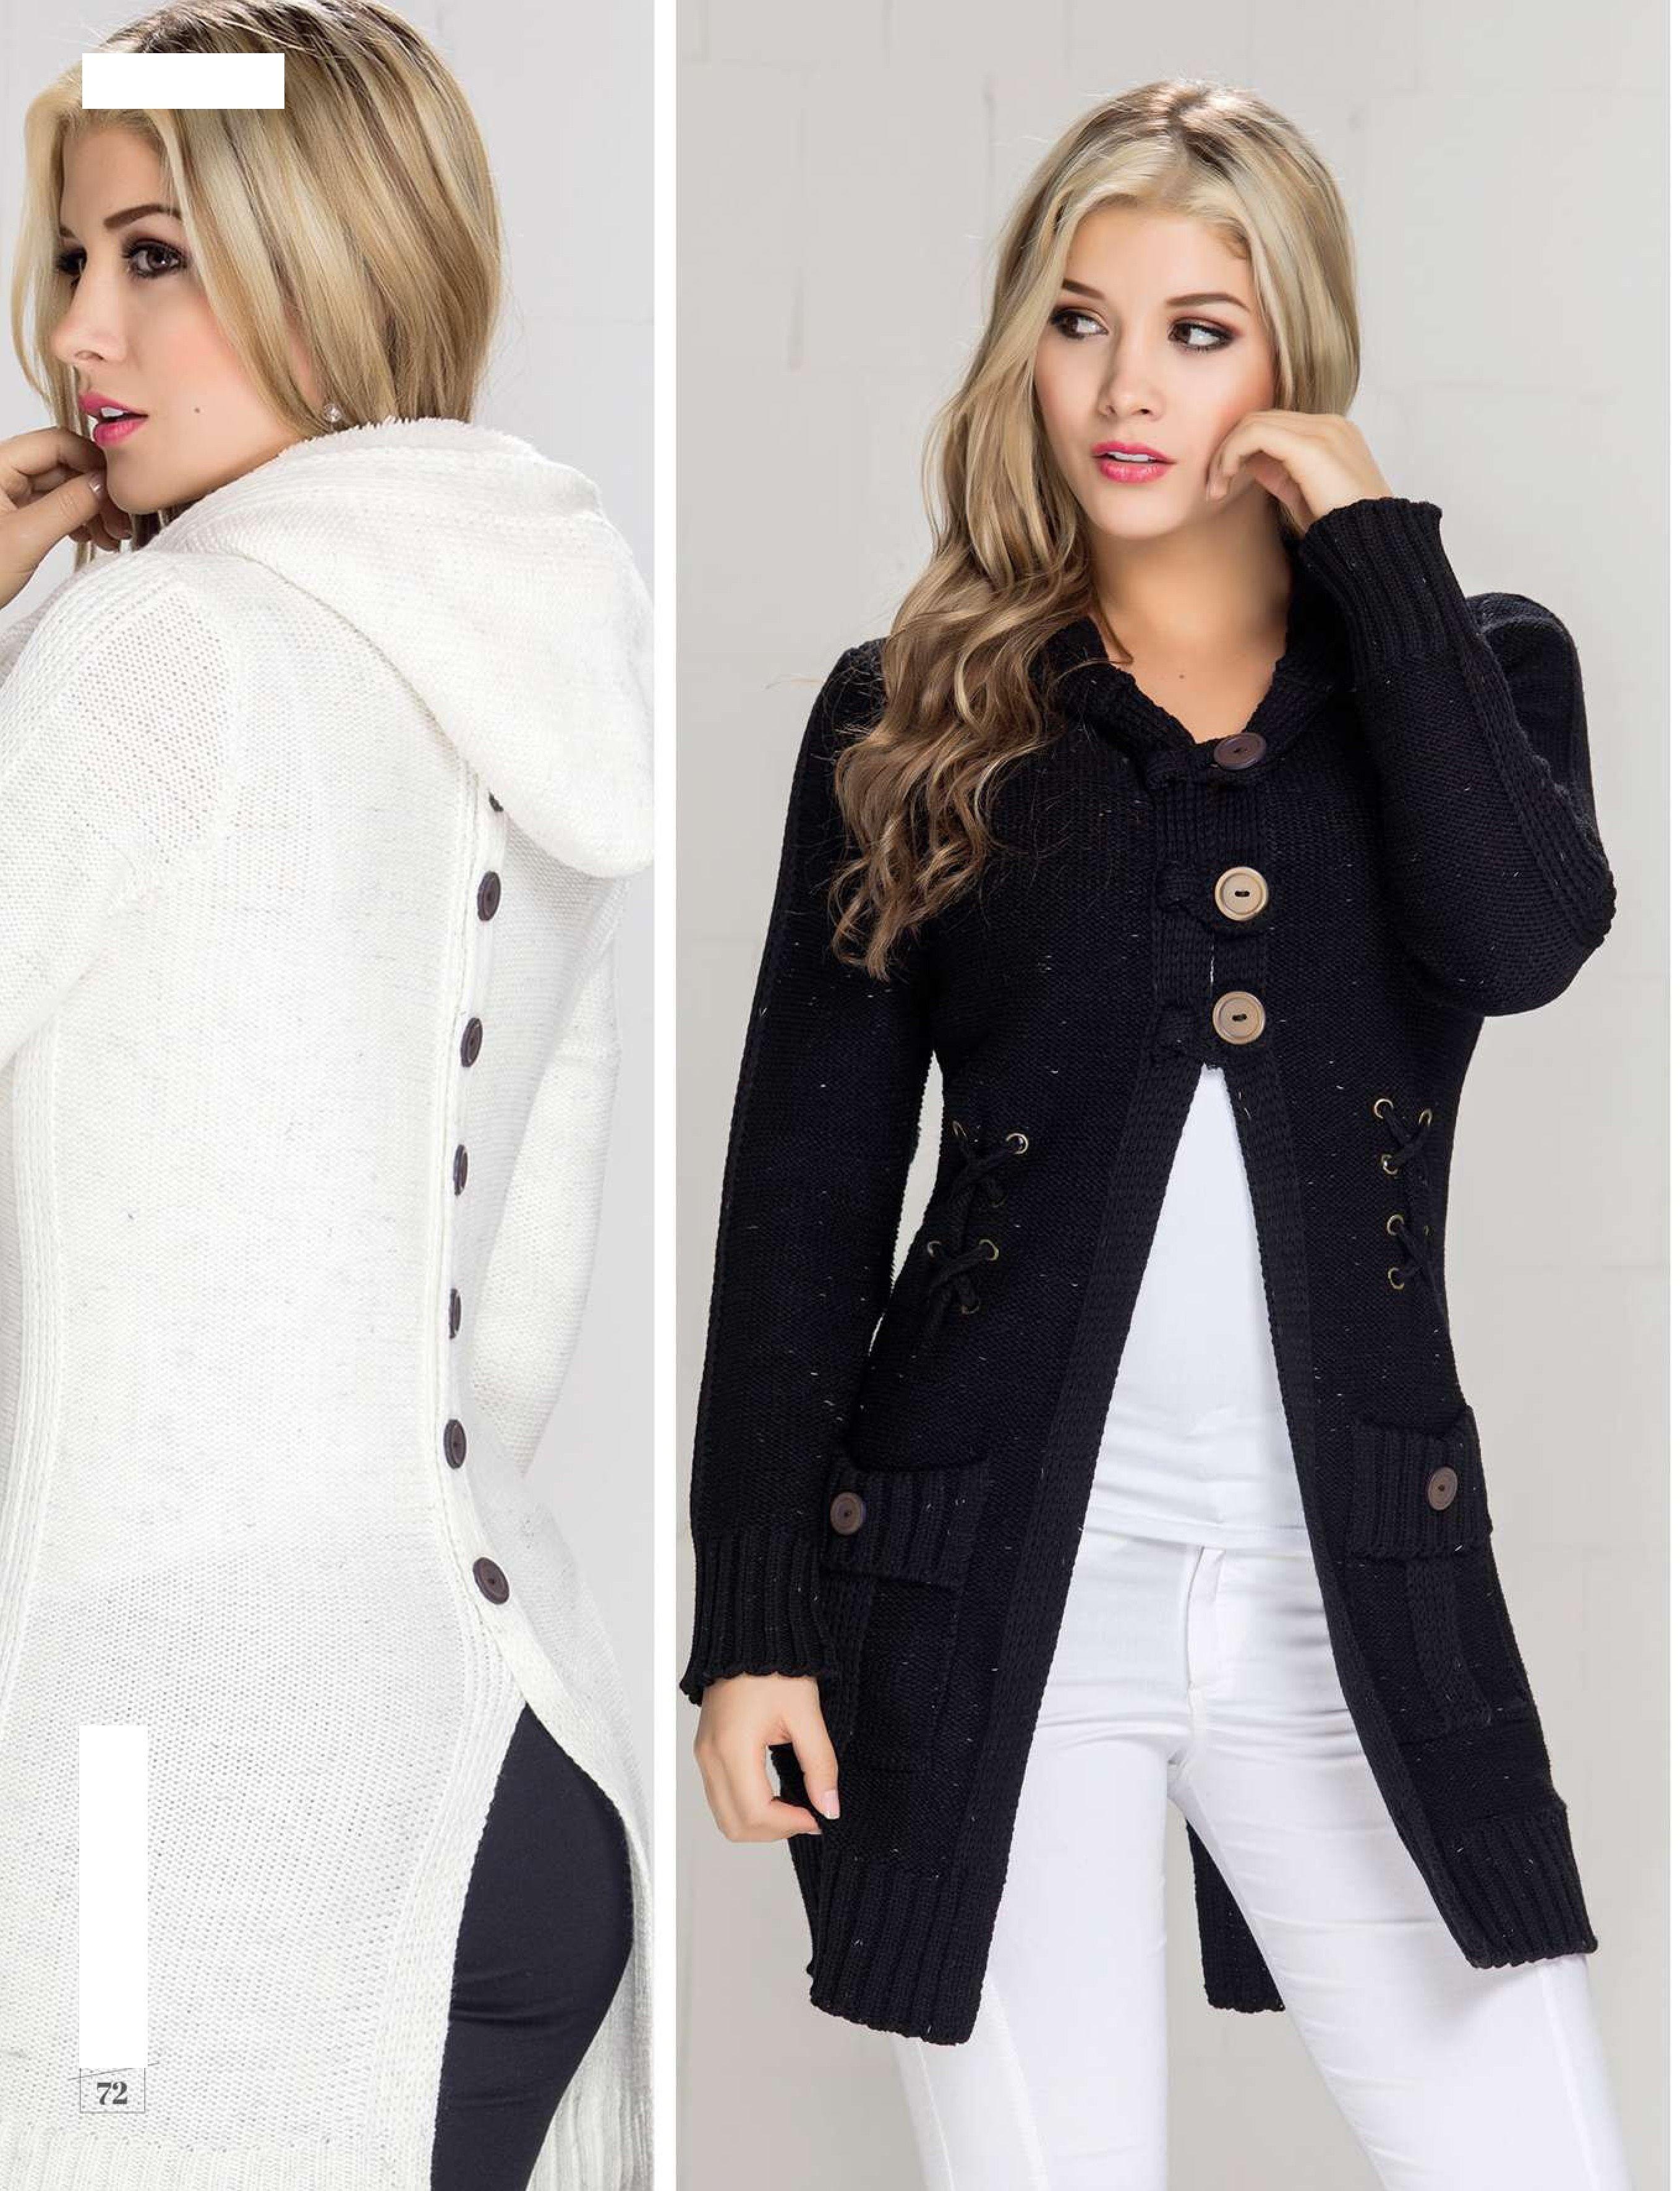 #jeansdemedellin #moda #invierno # gaban Venta al por mayor y detal